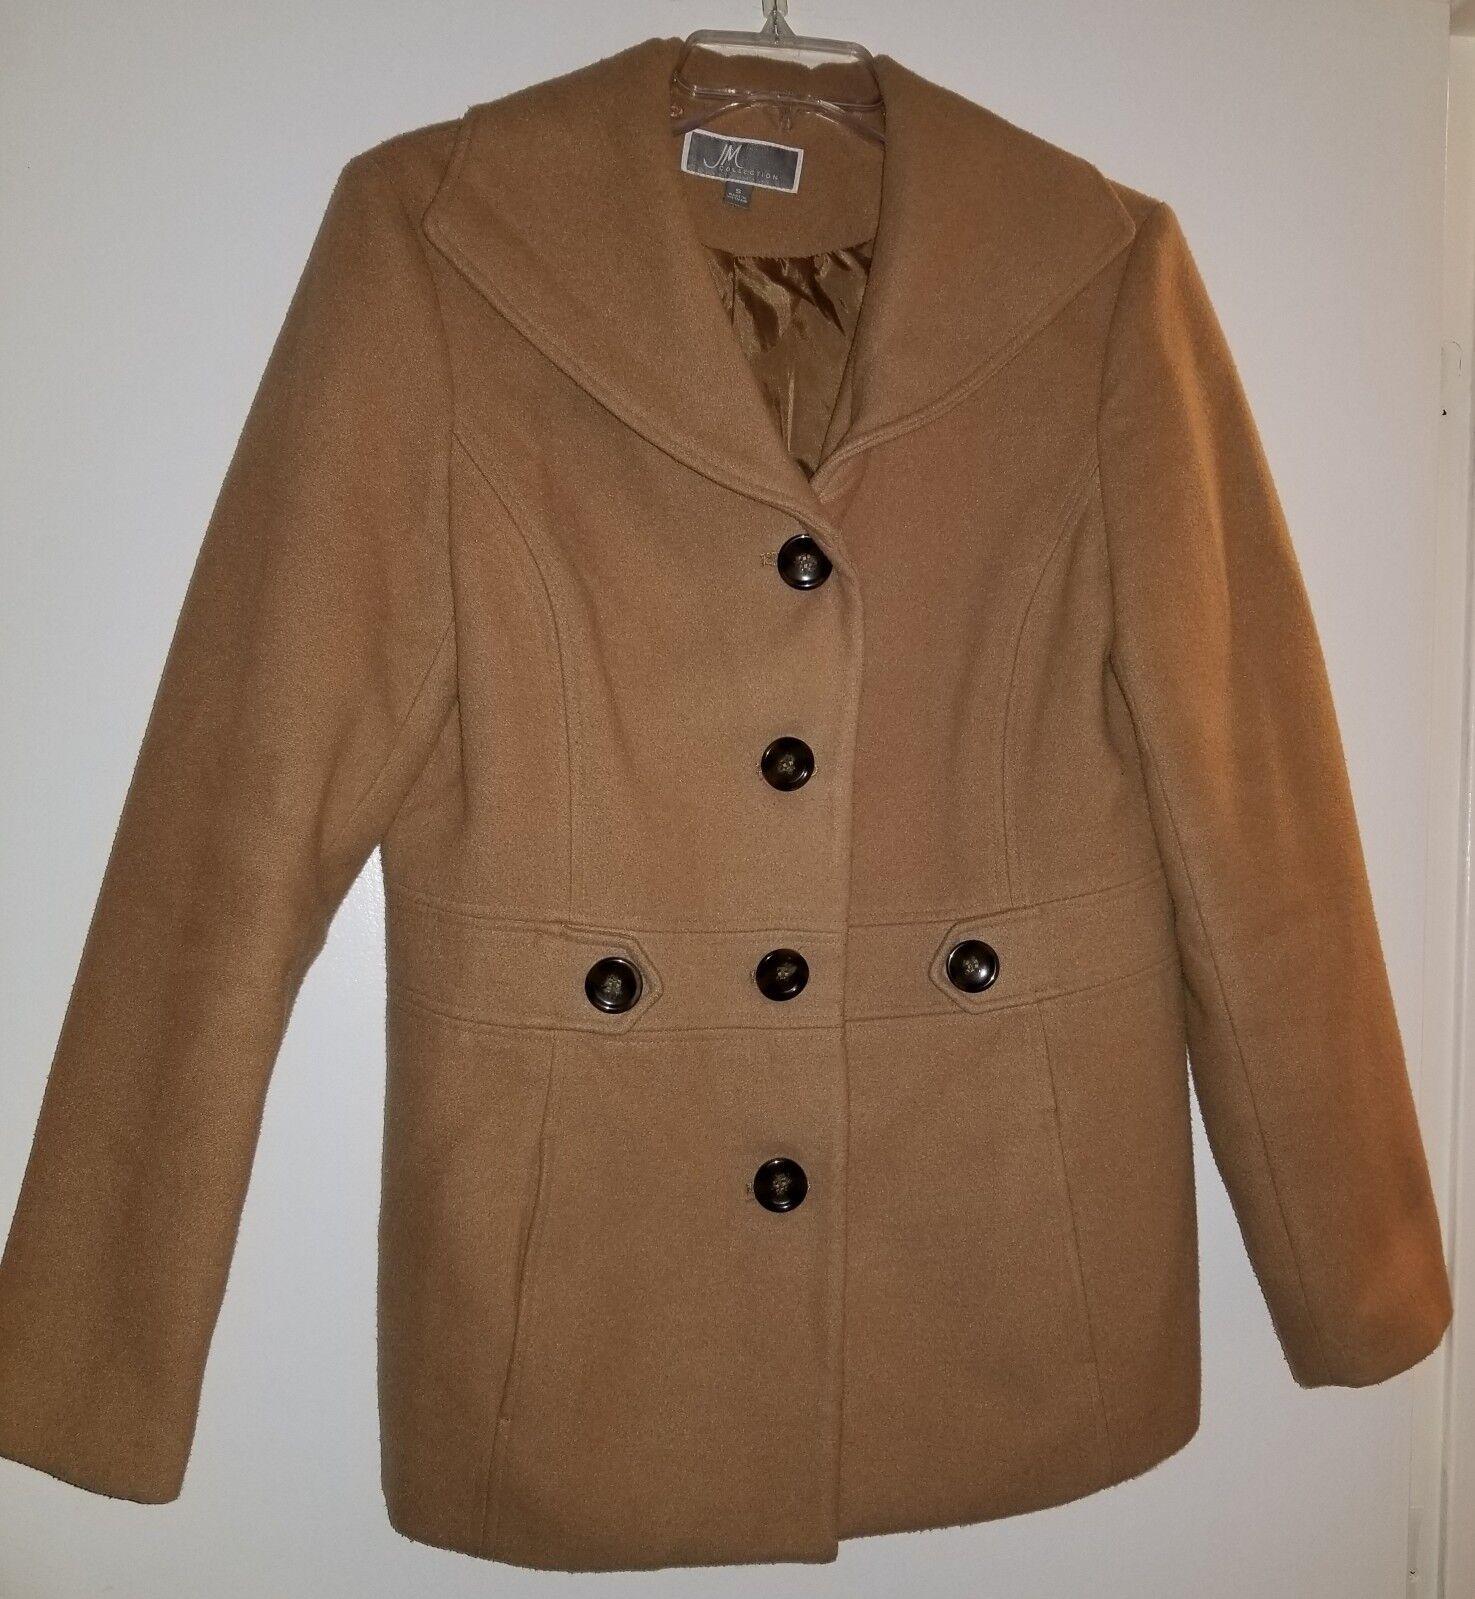 Jm Collection Coat Size Size Size S 1c62d8